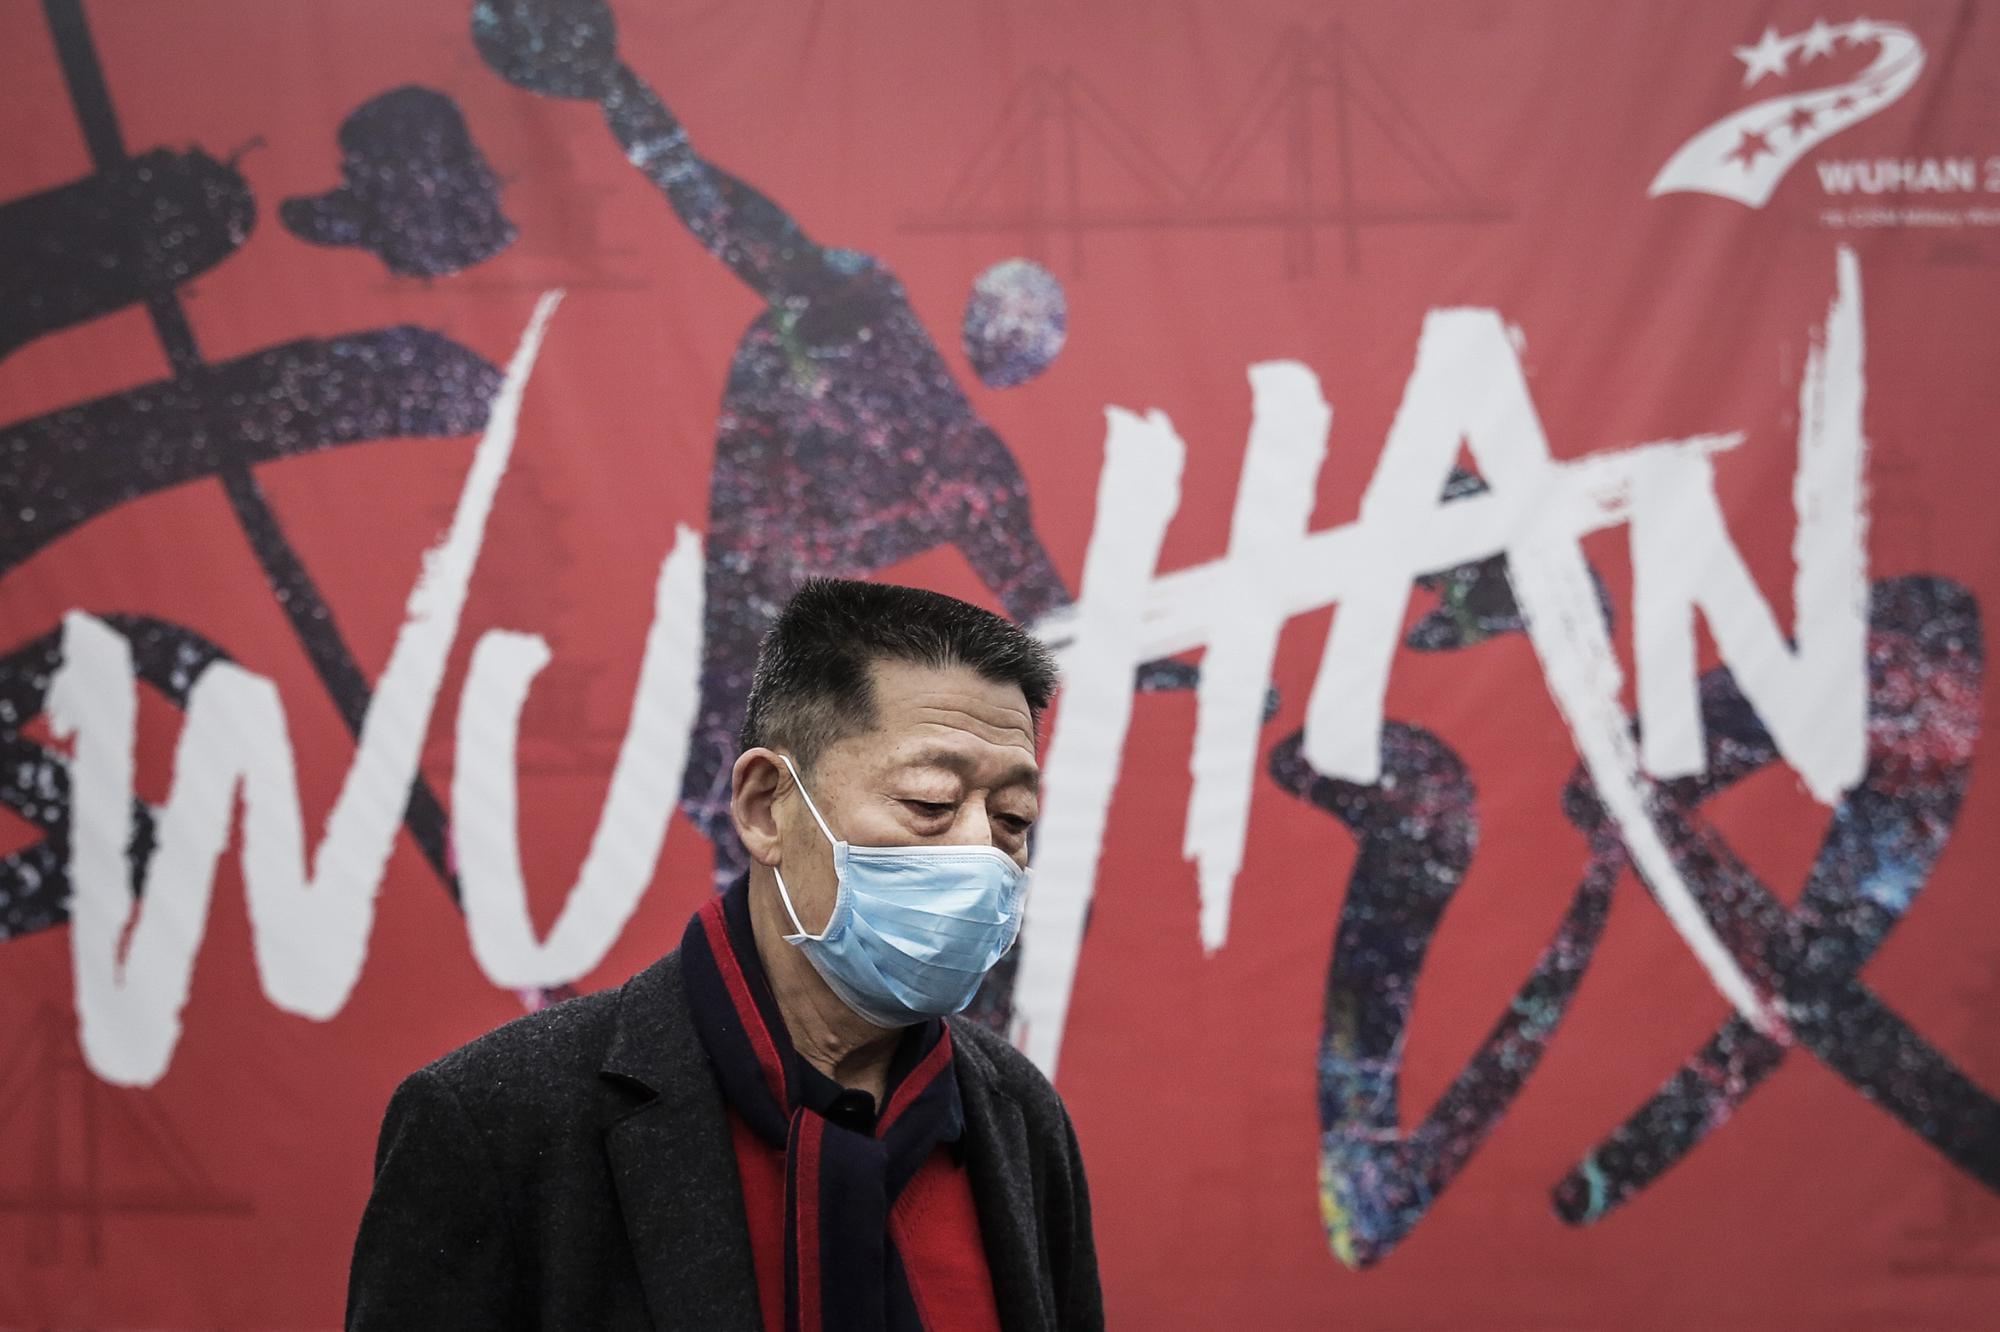 Vũ Hán là nơi đầu tiên bùng phát dịch bệnh phải đóng cửa thành phố bằng những biện pháp khắt khe nhất.